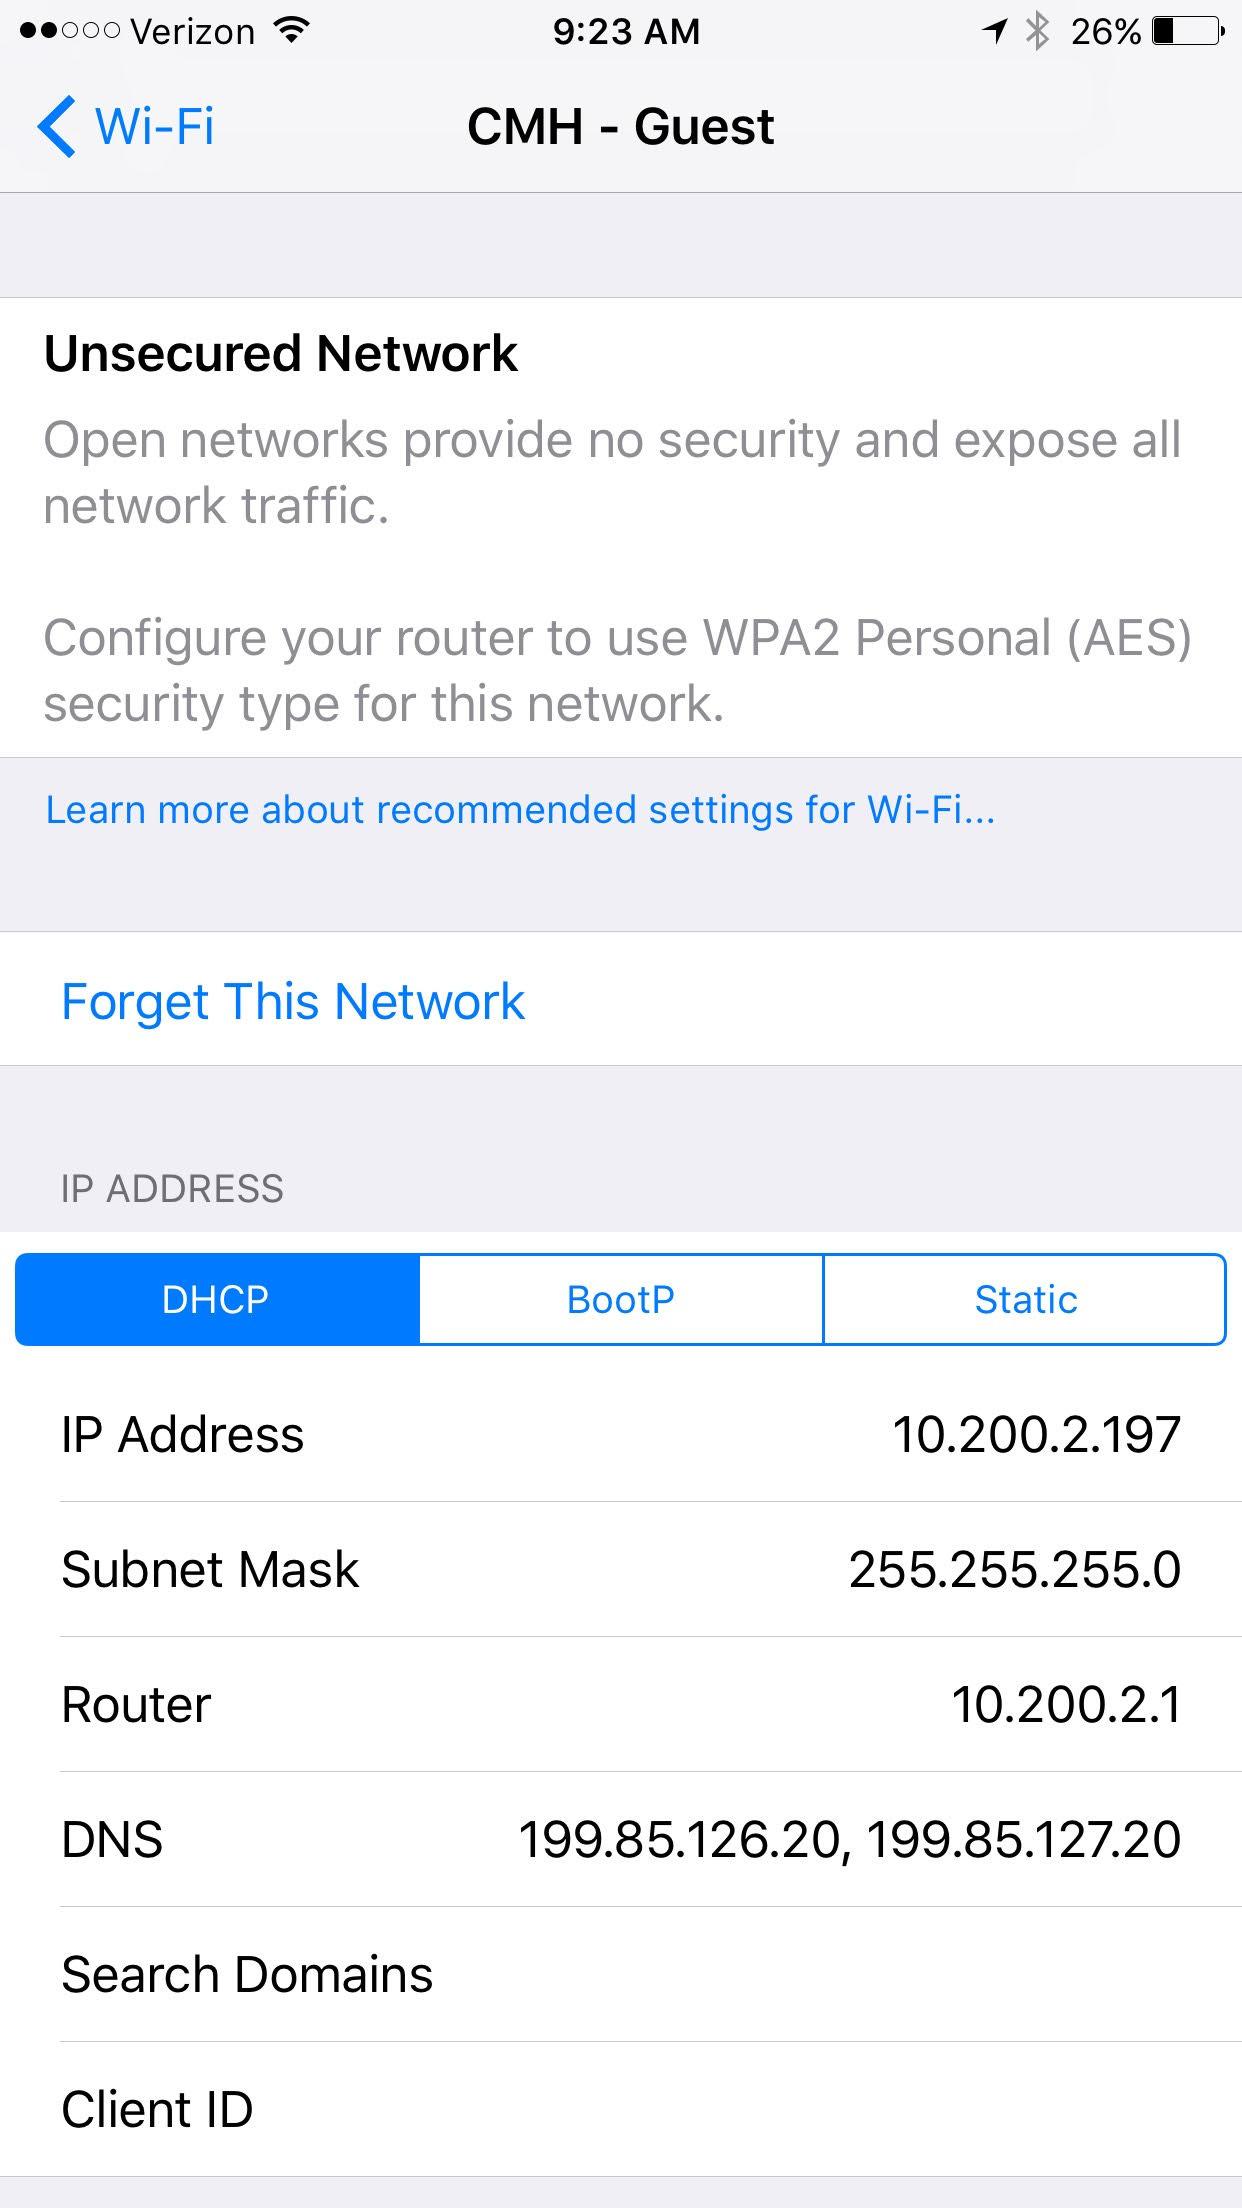 Aviso de red no segura en iOS 10